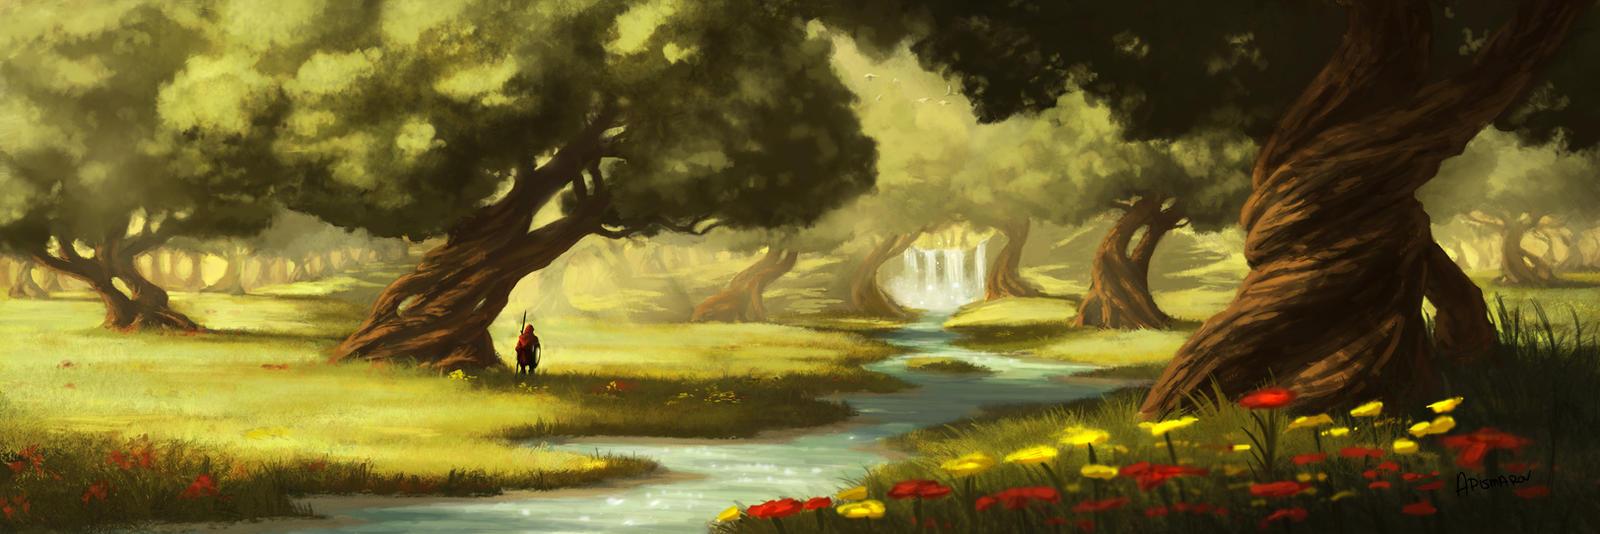 Shady Grove by AnthonyPismarov